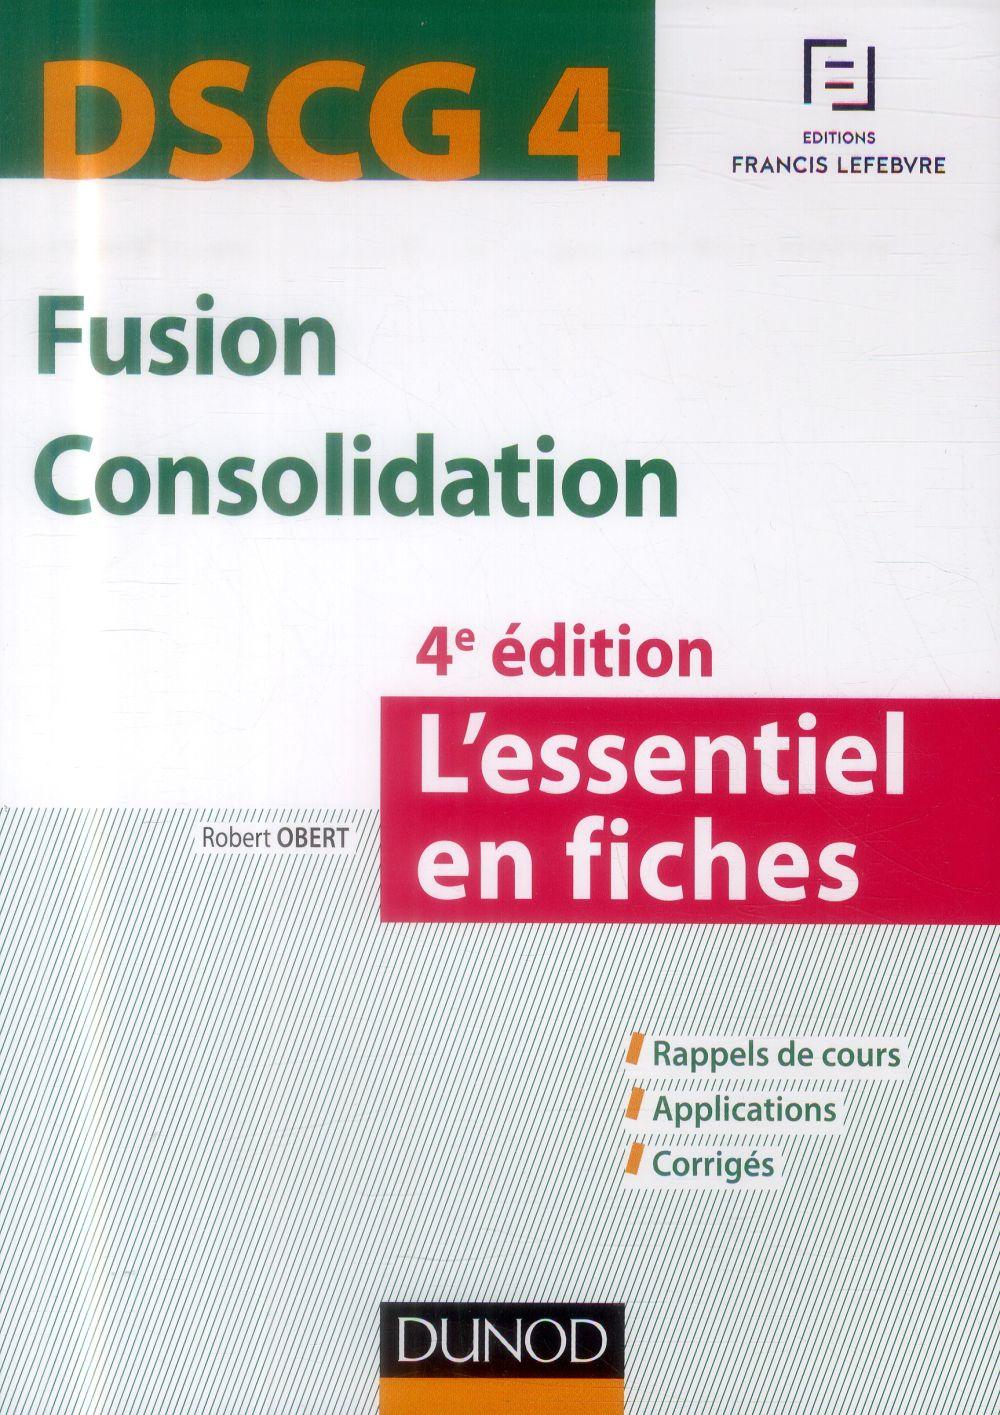 Dscg 4 ; Fusion Consolidation ; L'Essentiel En Fiches ; 4e Edition